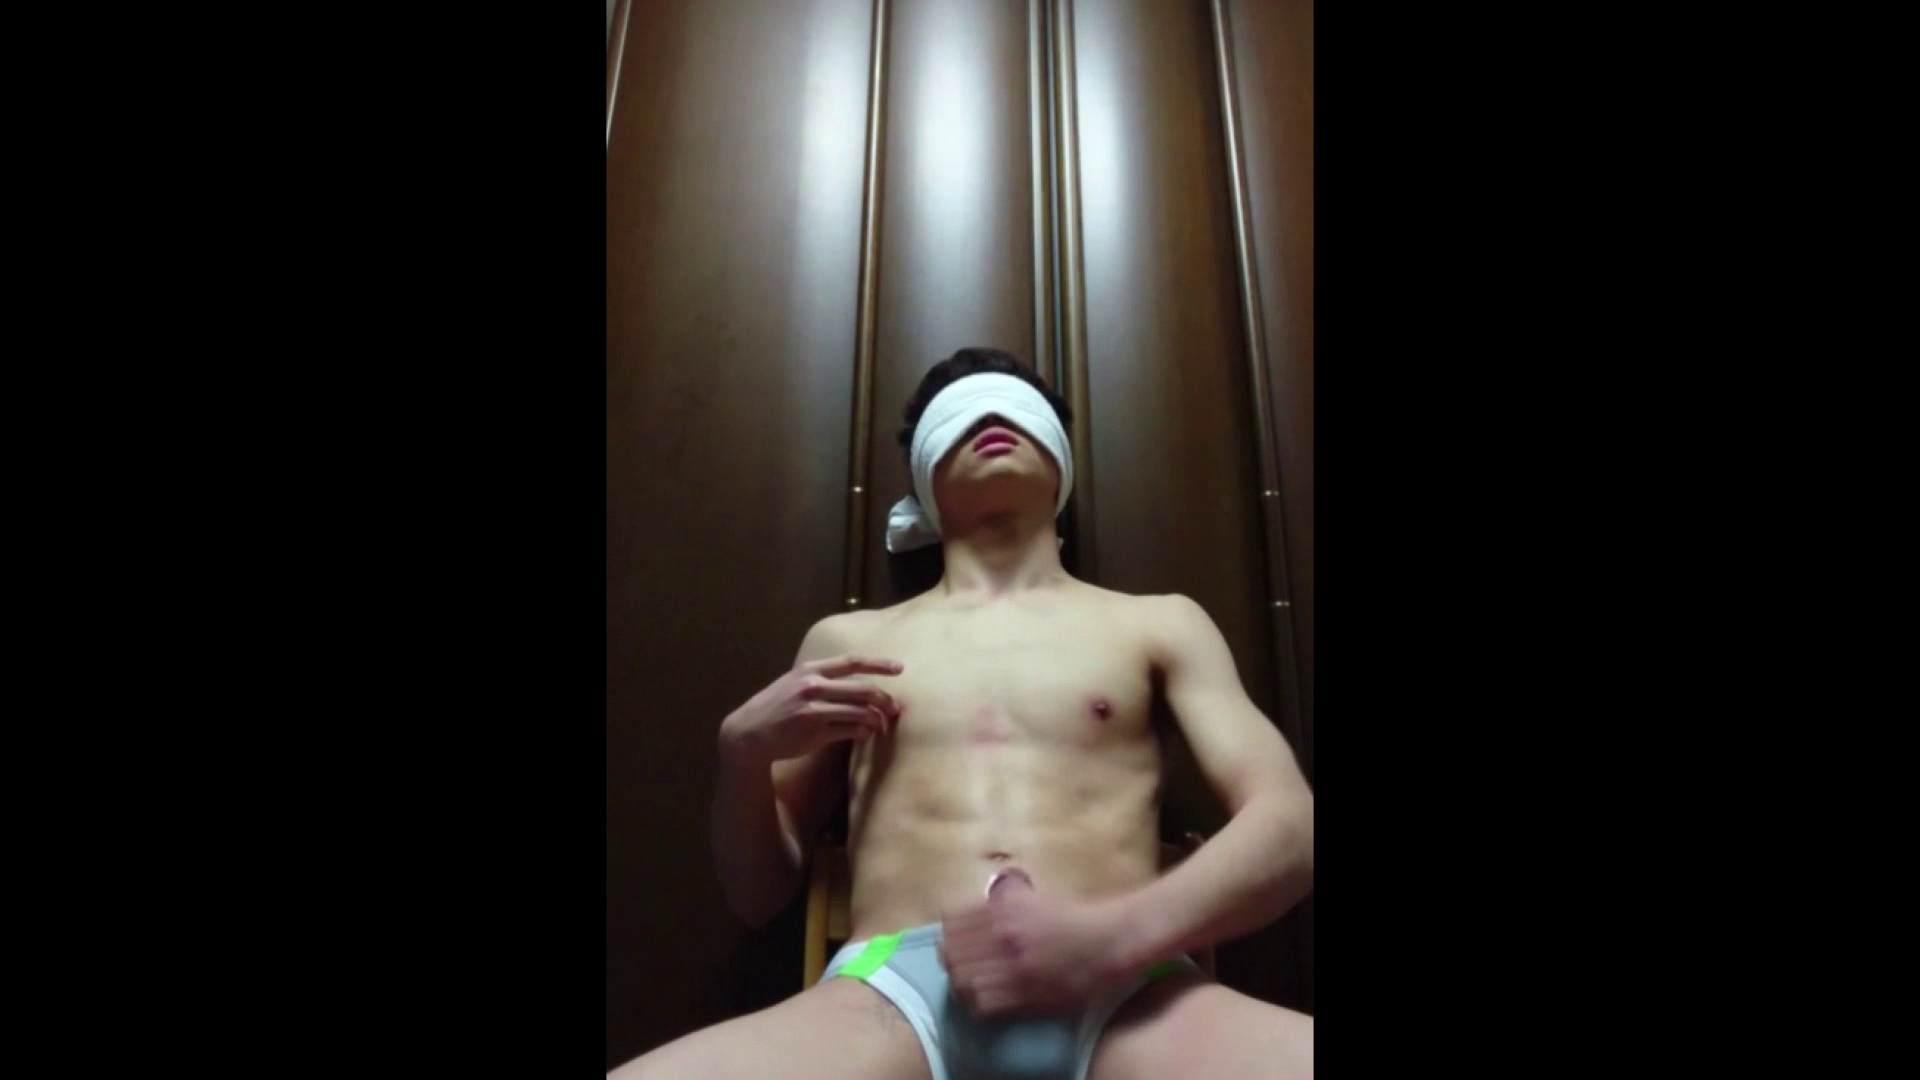 個人撮影 自慰の極意 Vol.21 ゲイの自慰 ゲイモロ画像 93pic 89